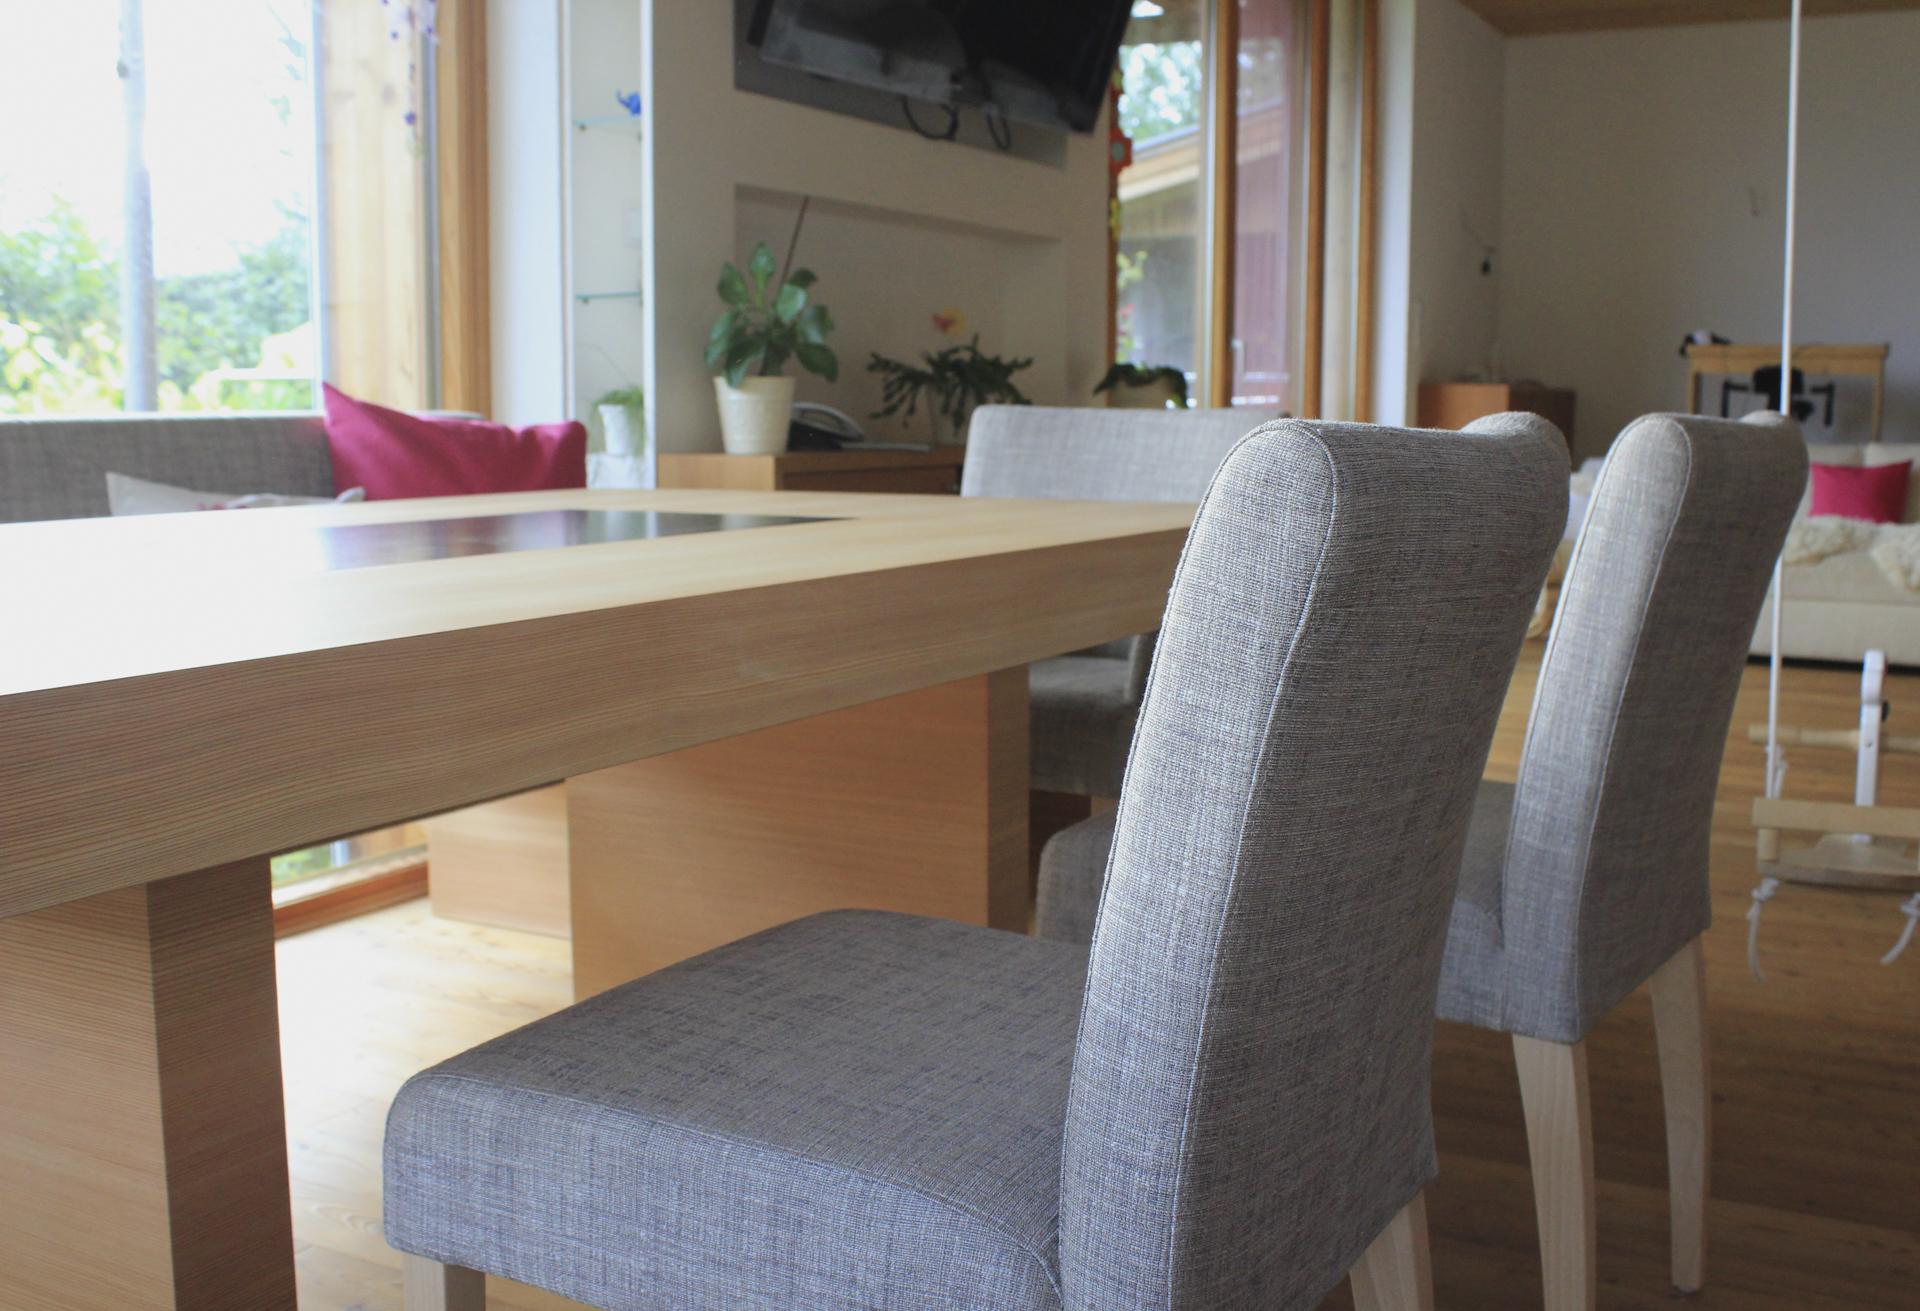 tischlerei-decker-wohnhaus-hofpgarten-interior-Sitzbank-Sessel